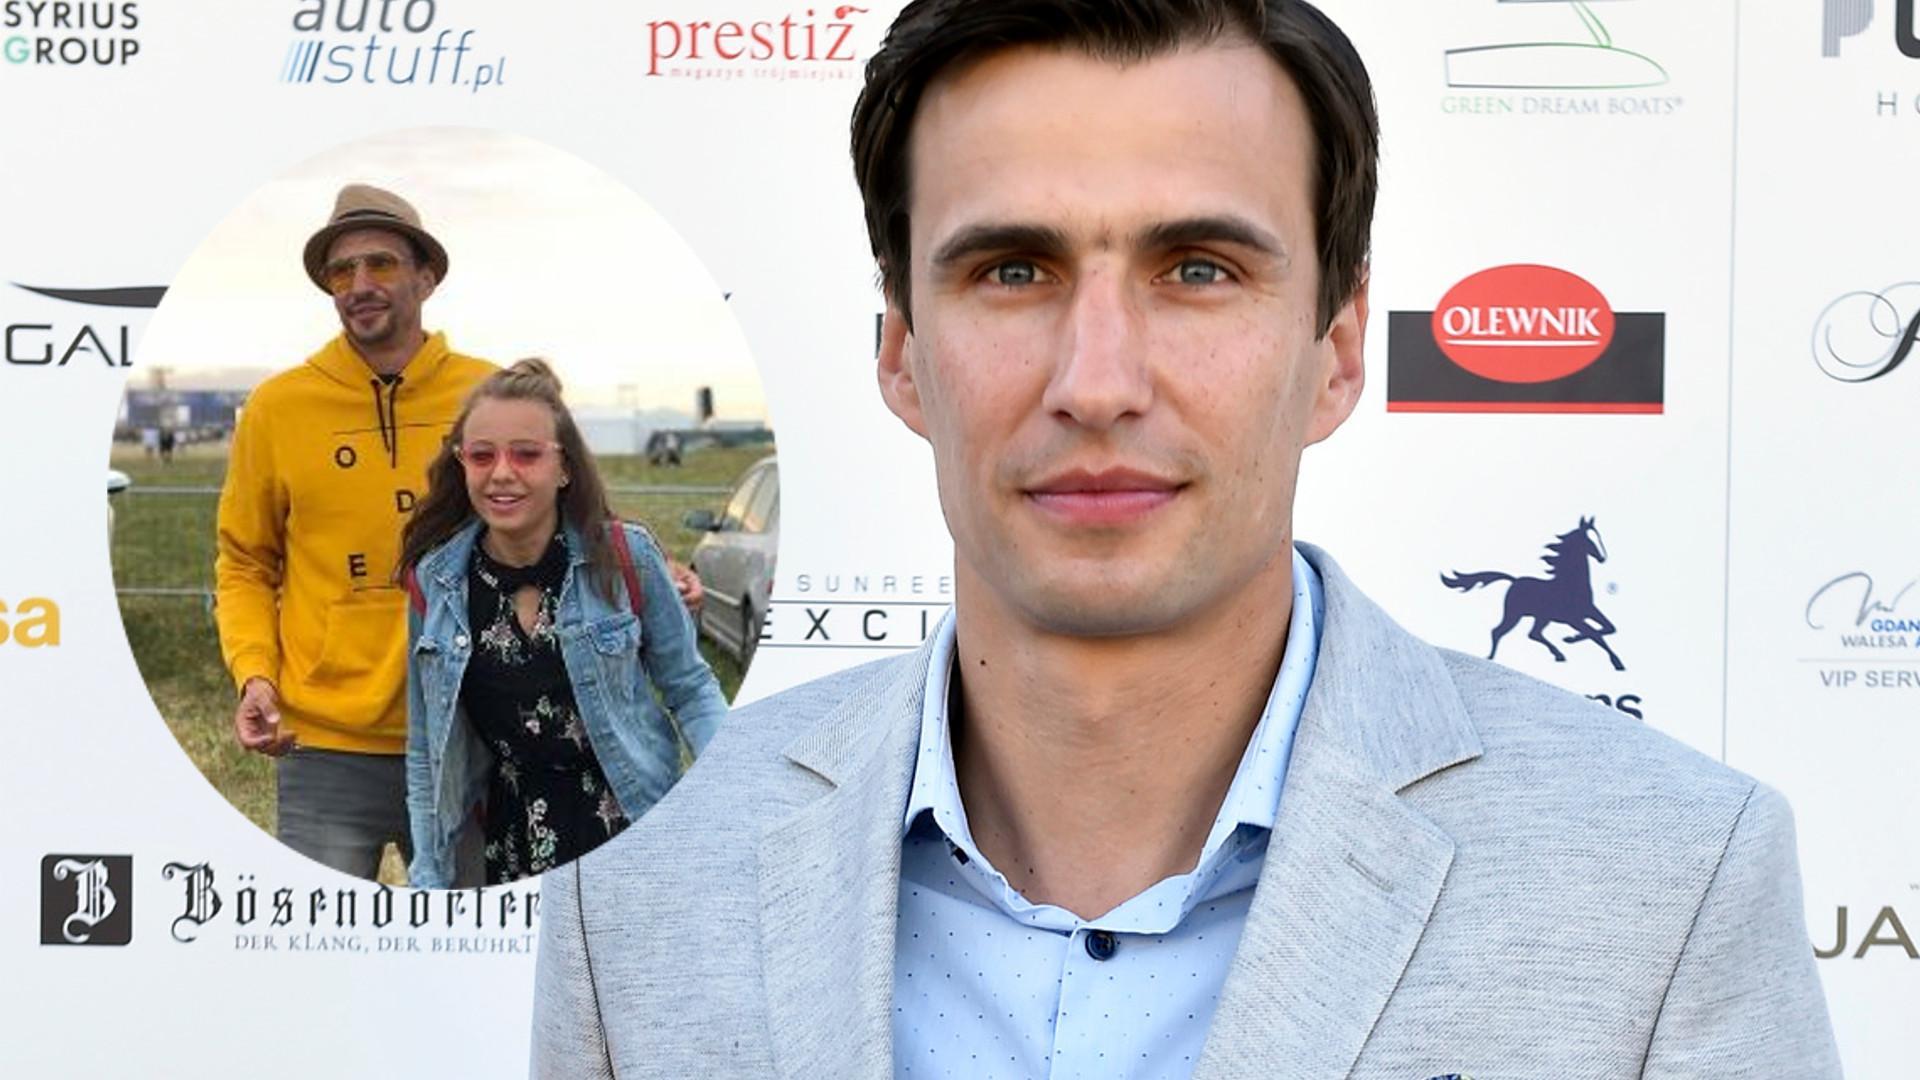 Jarosław Bieniuk z córką na Openerze: Ja współczuję Panu Tacie